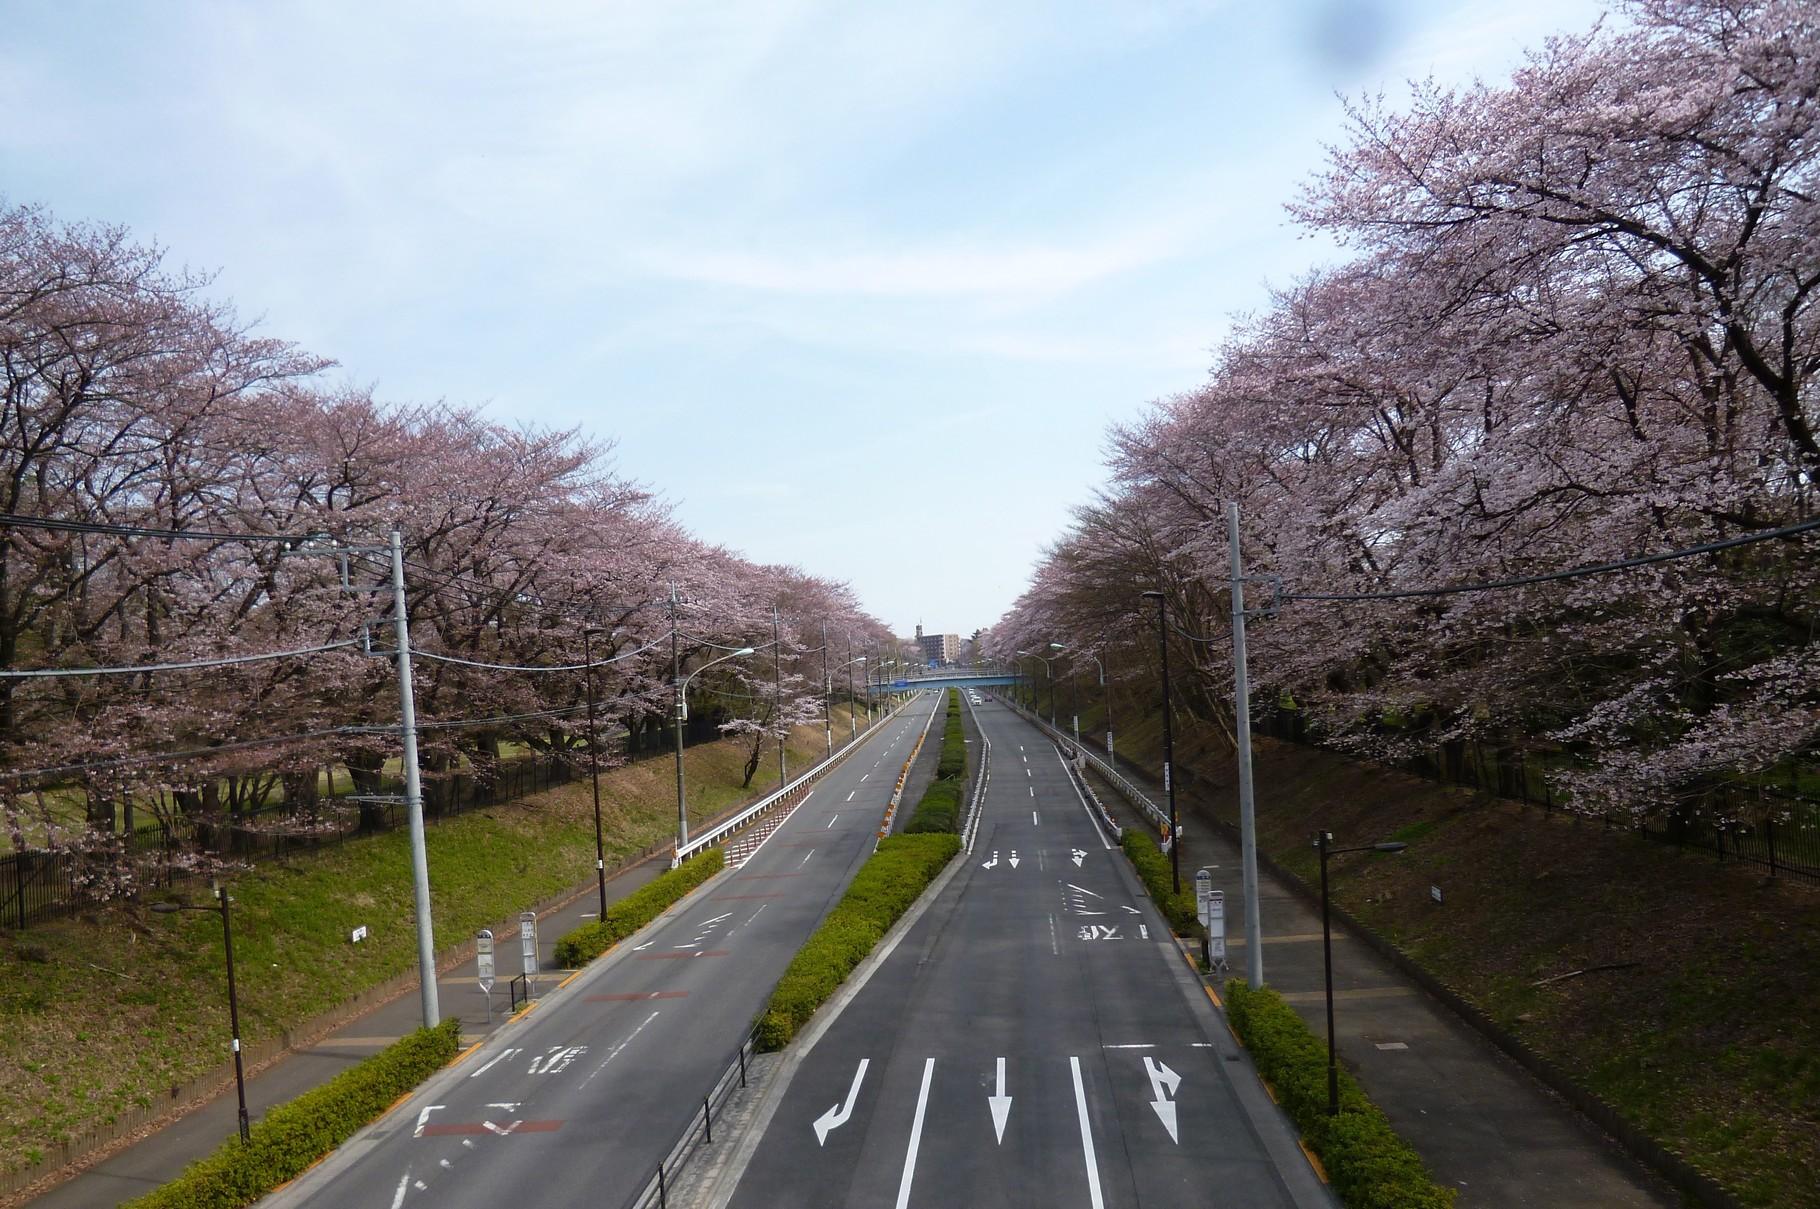 野川沿いの風景/東八道路沿い桜並木(h28.3.31)